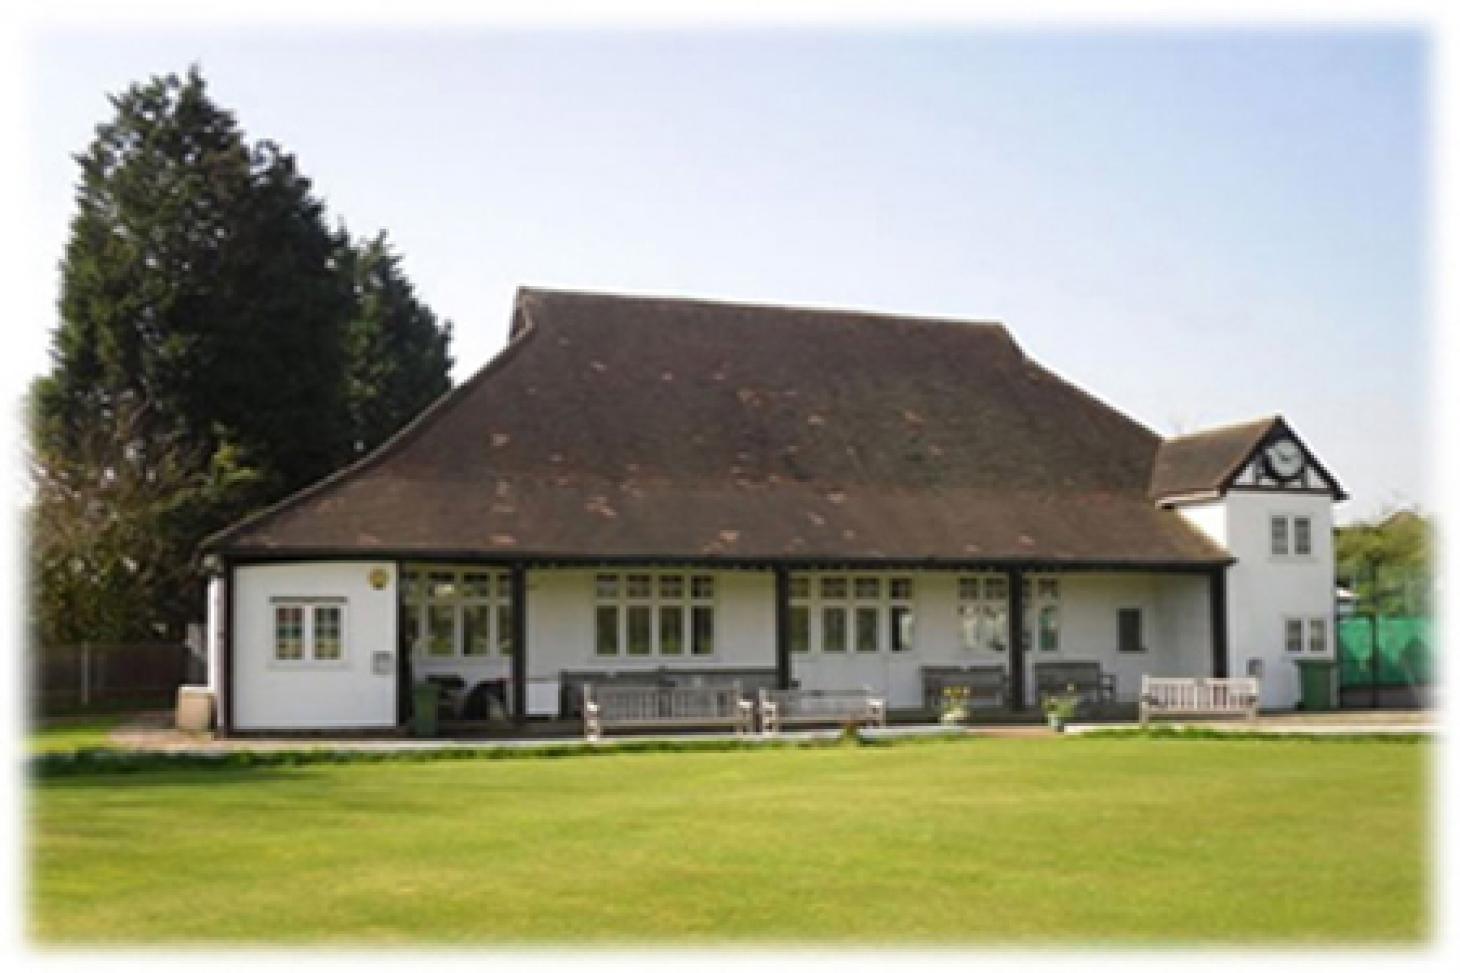 Malden Wanderers Cricket Club Nets | Artificial cricket facilities